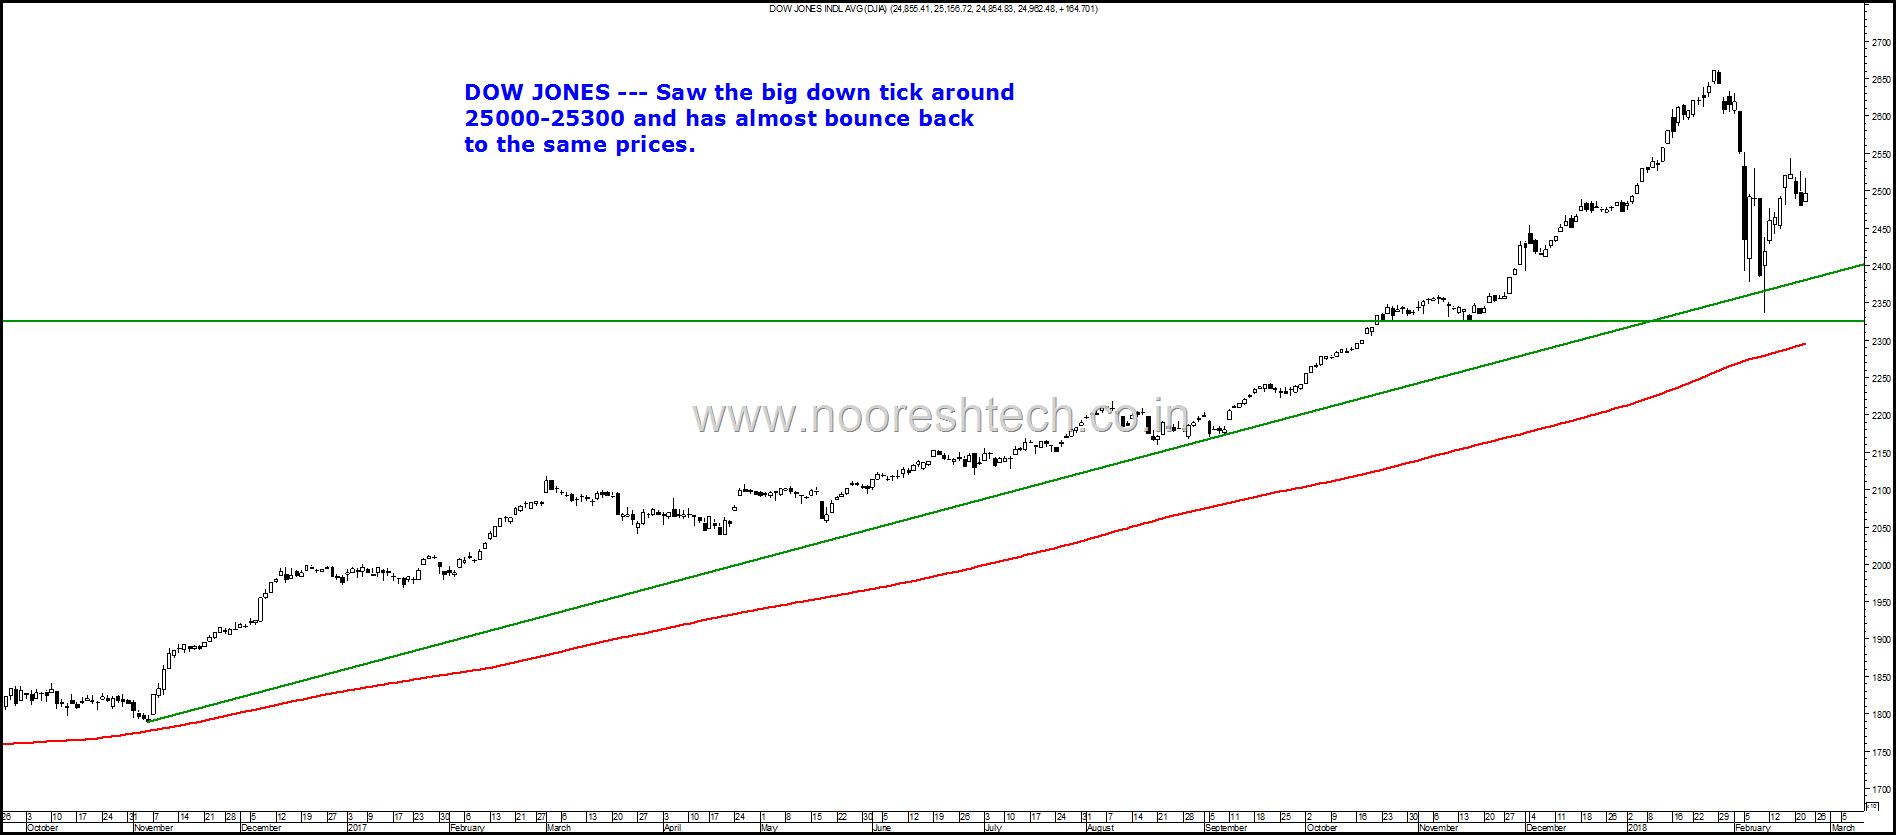 Dow Jones bounce